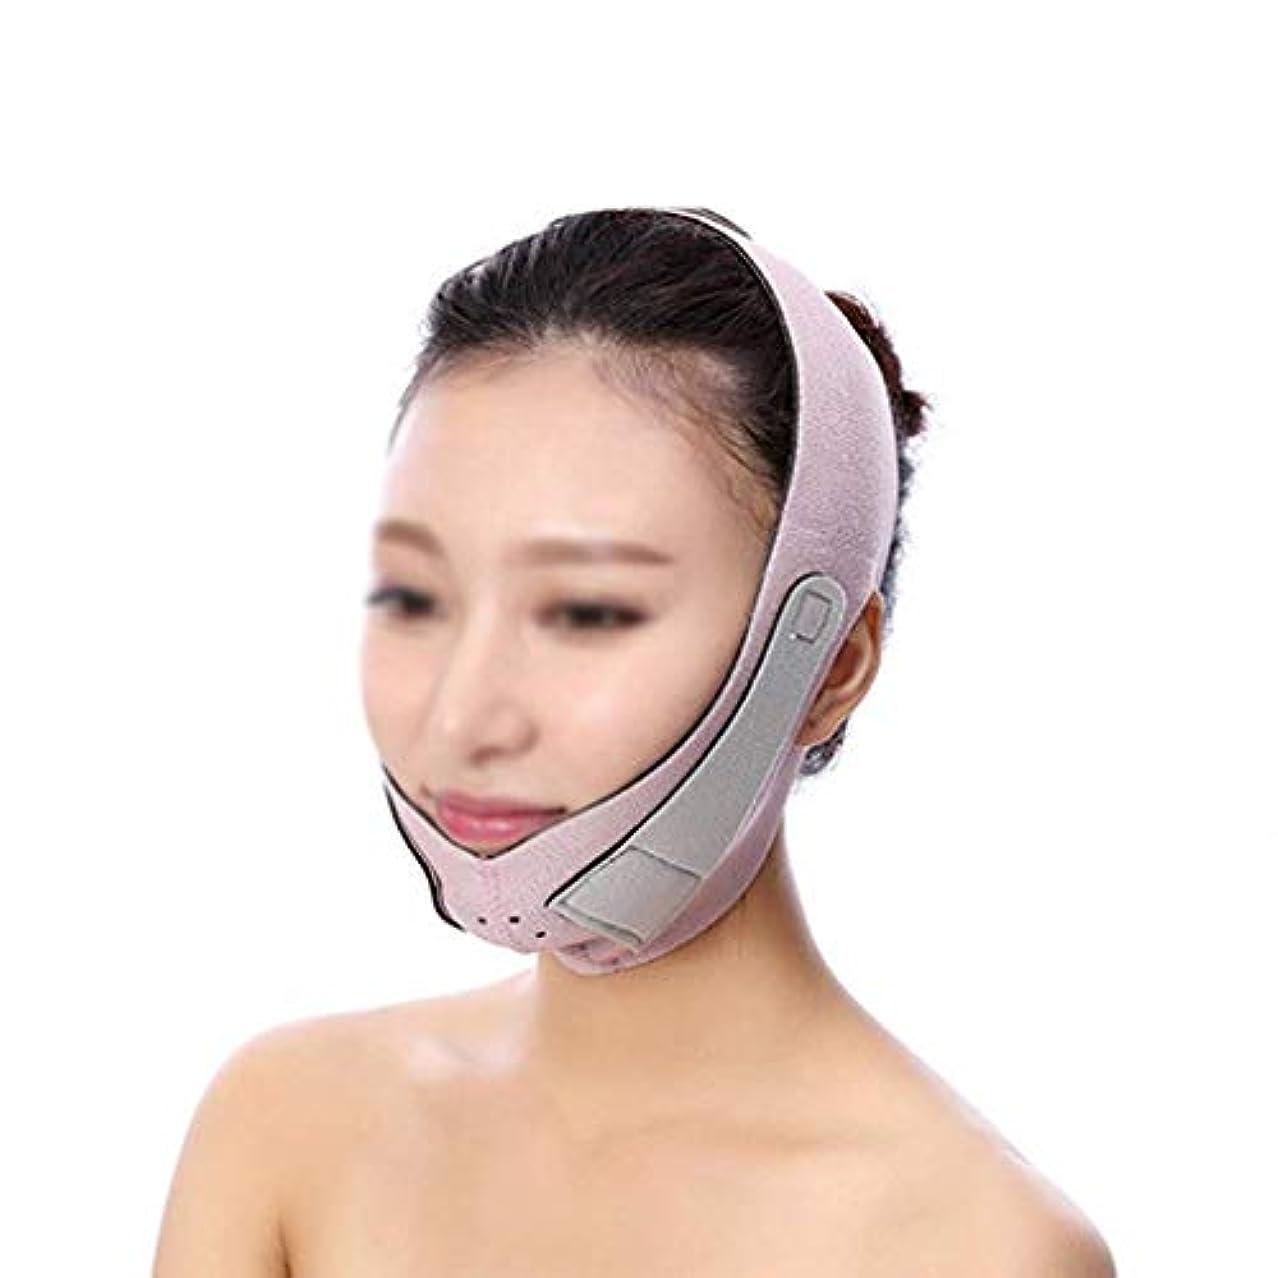 ファントムスケジュール暫定の薄型フェイスマスク、フェイスリフティングに最適、フェイスバンドを持ち上げてスキン包帯を引き締める、チークチンリフティング、スキン包帯を引き締める(フリーサイズ)(カラー:オレンジ),紫の